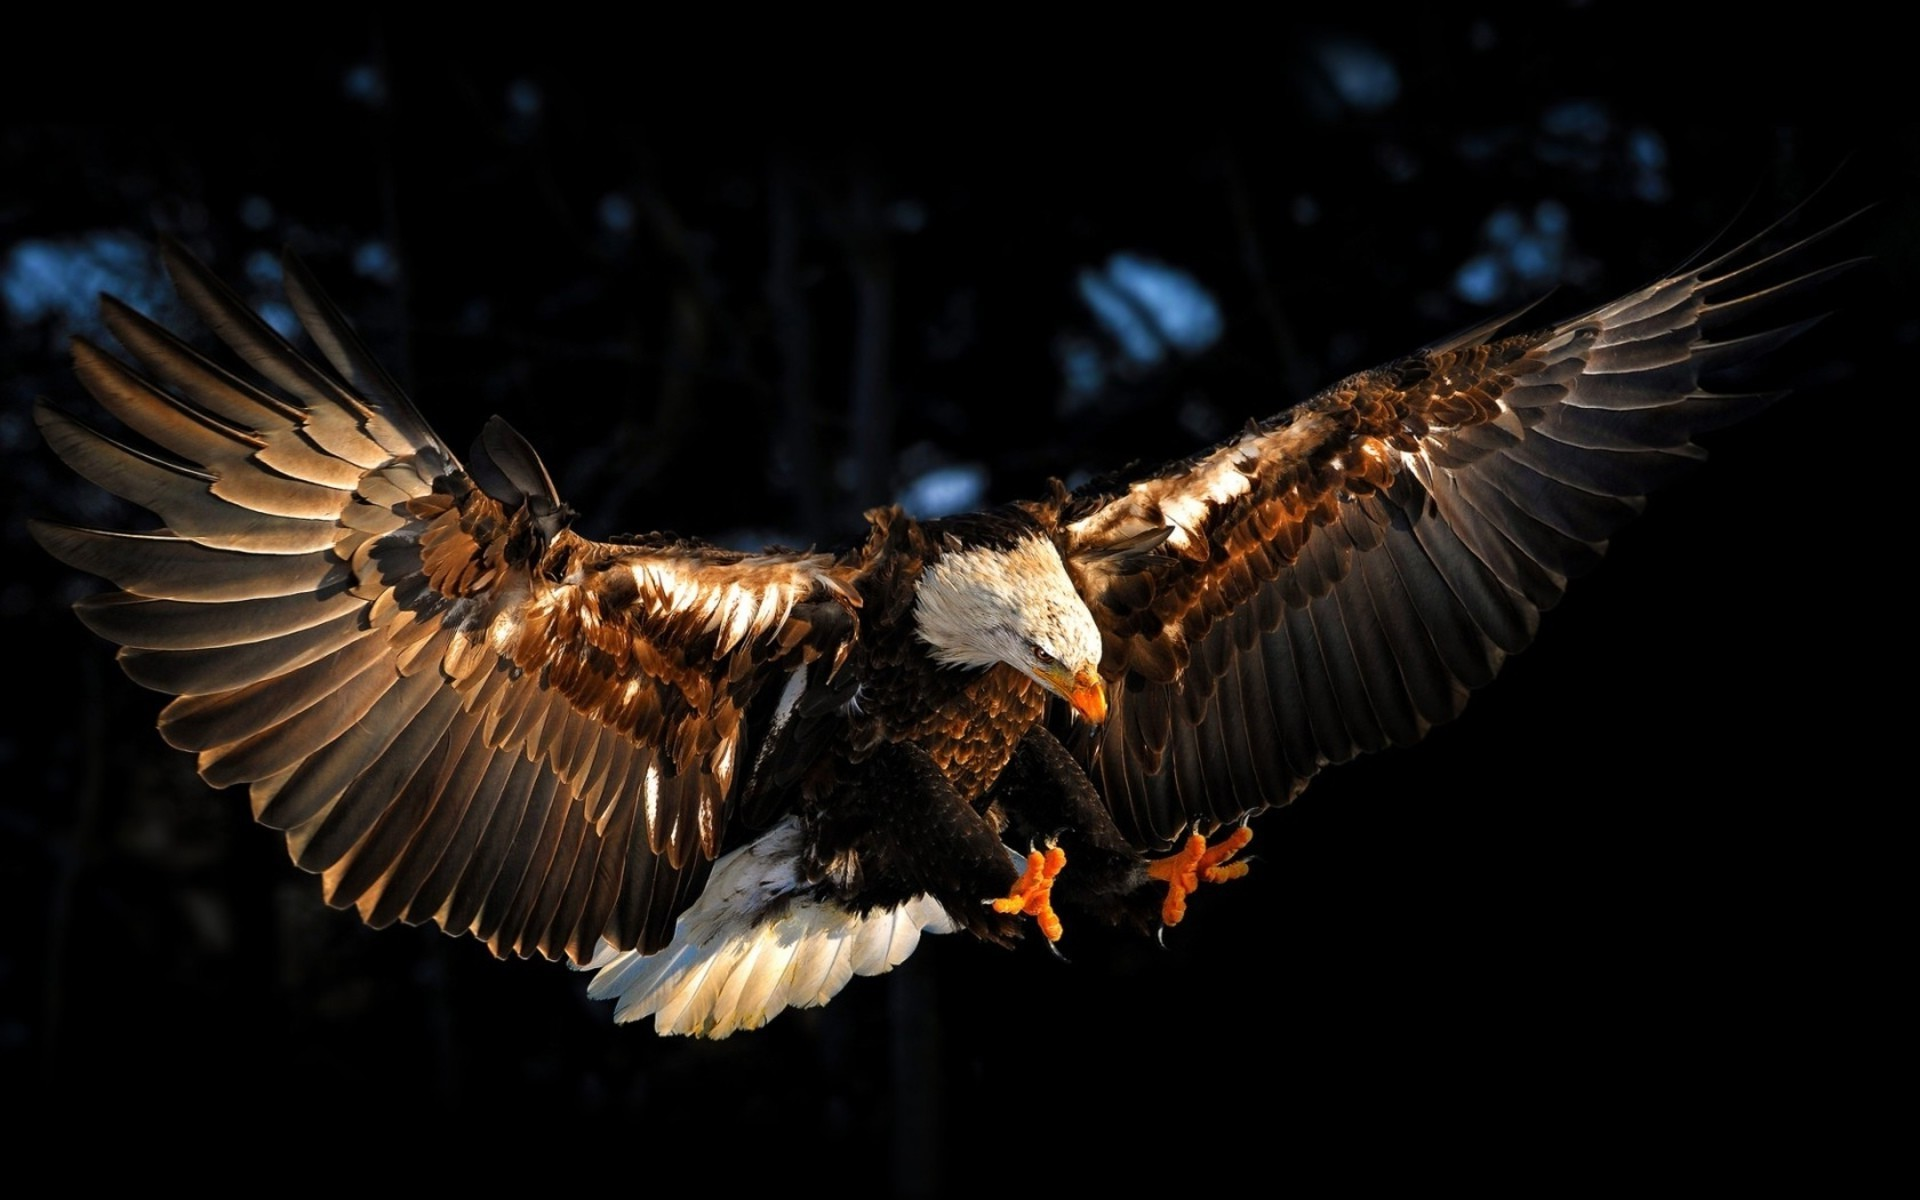 Hình nền chim đại bàng sải cánh cực đẹp